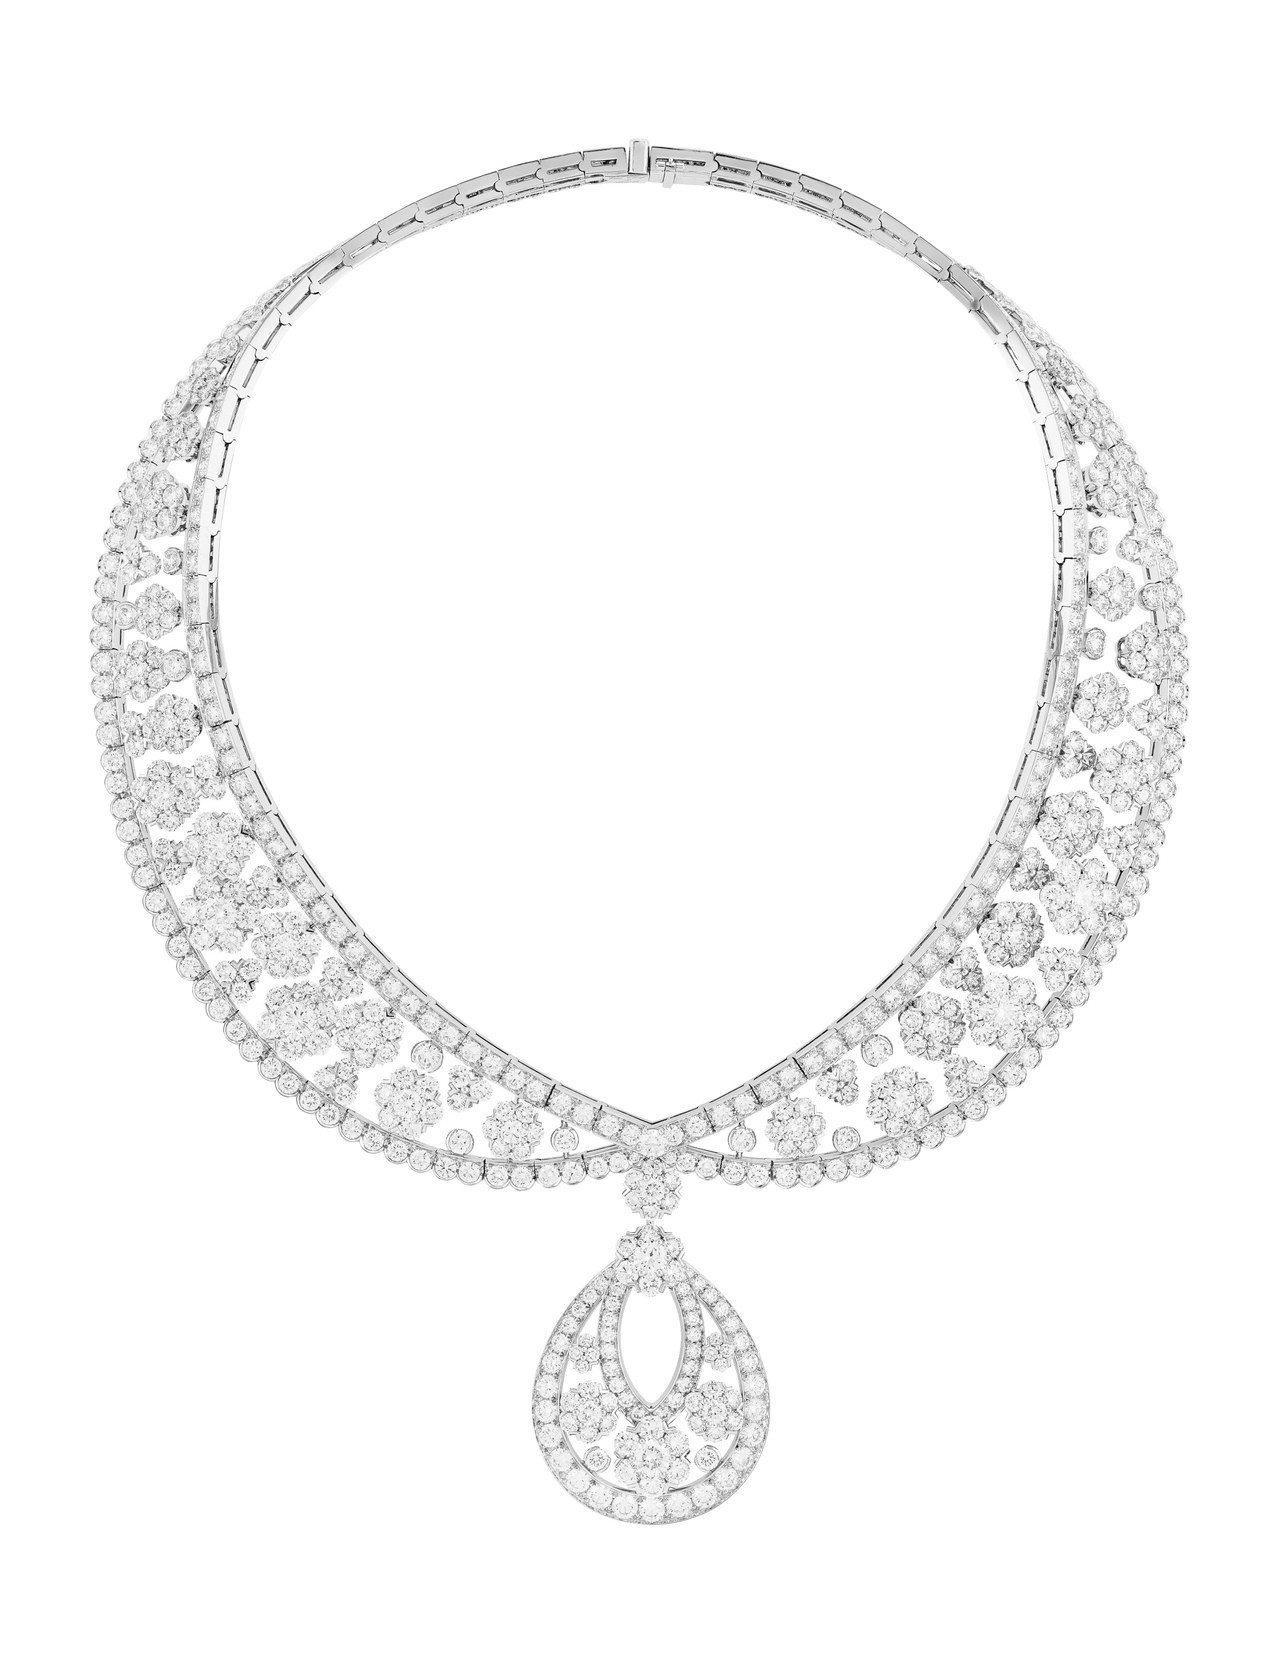 梵克雅寶Snowflake衣領造型項鍊及可拆式吊墜,鉑金與白K金鑲嵌鑽石,價格店...